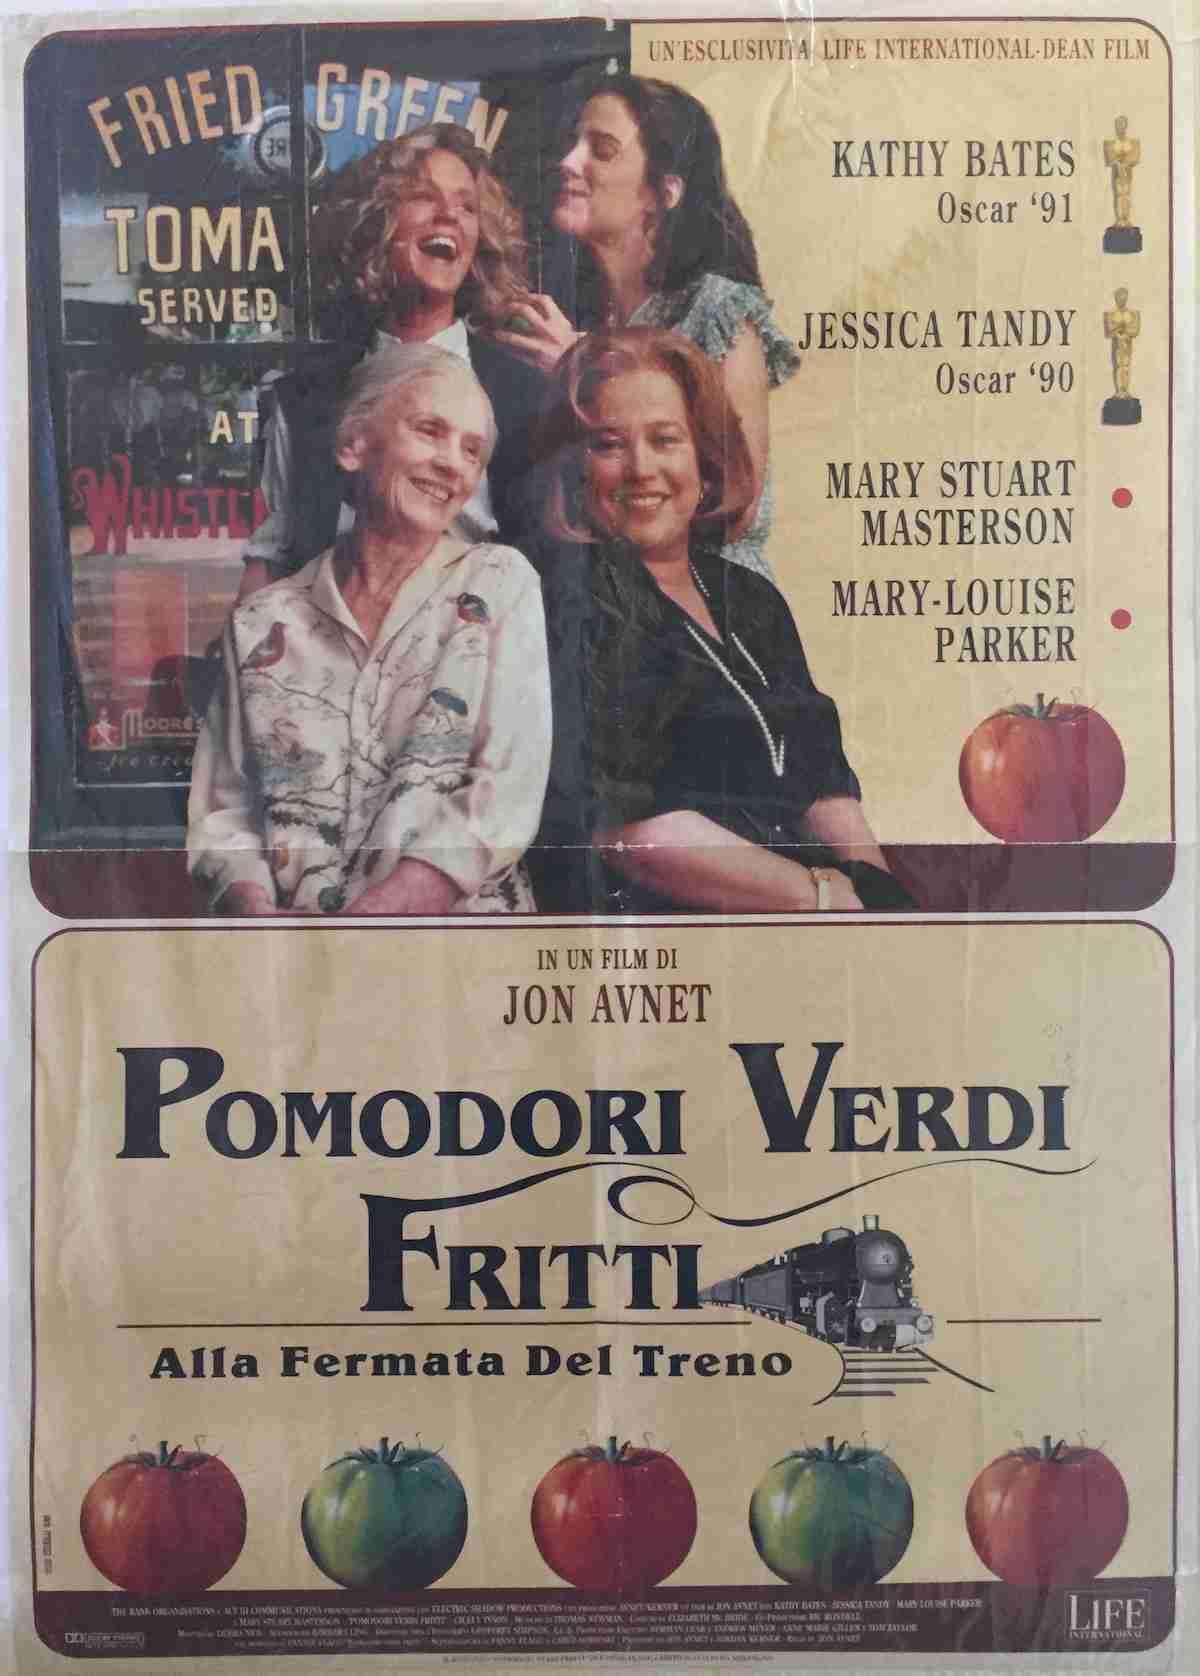 soggettone Pomodori Verdi Fritti